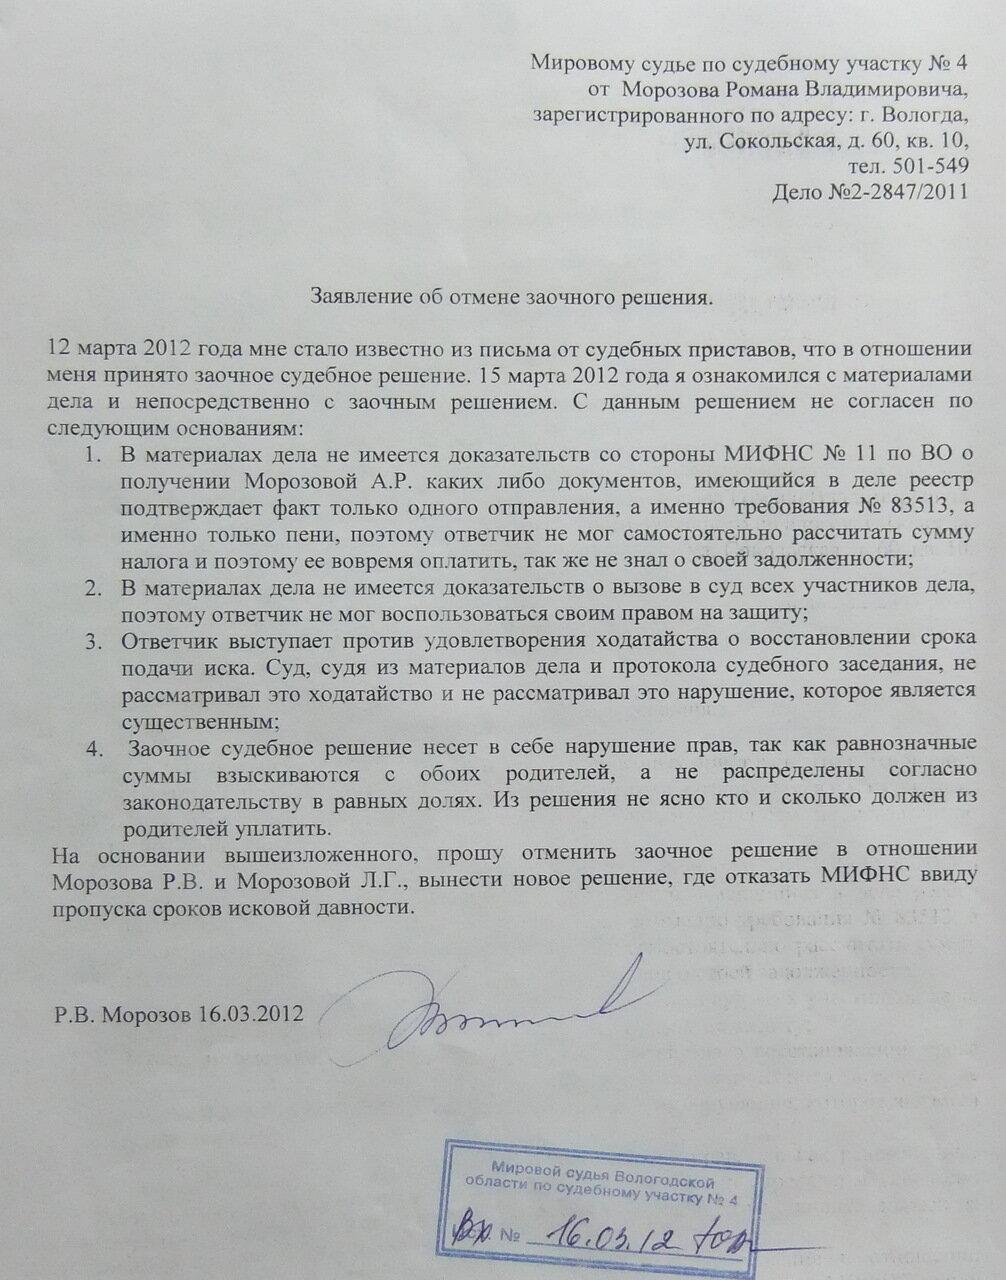 заявление об отмене заочного решения: